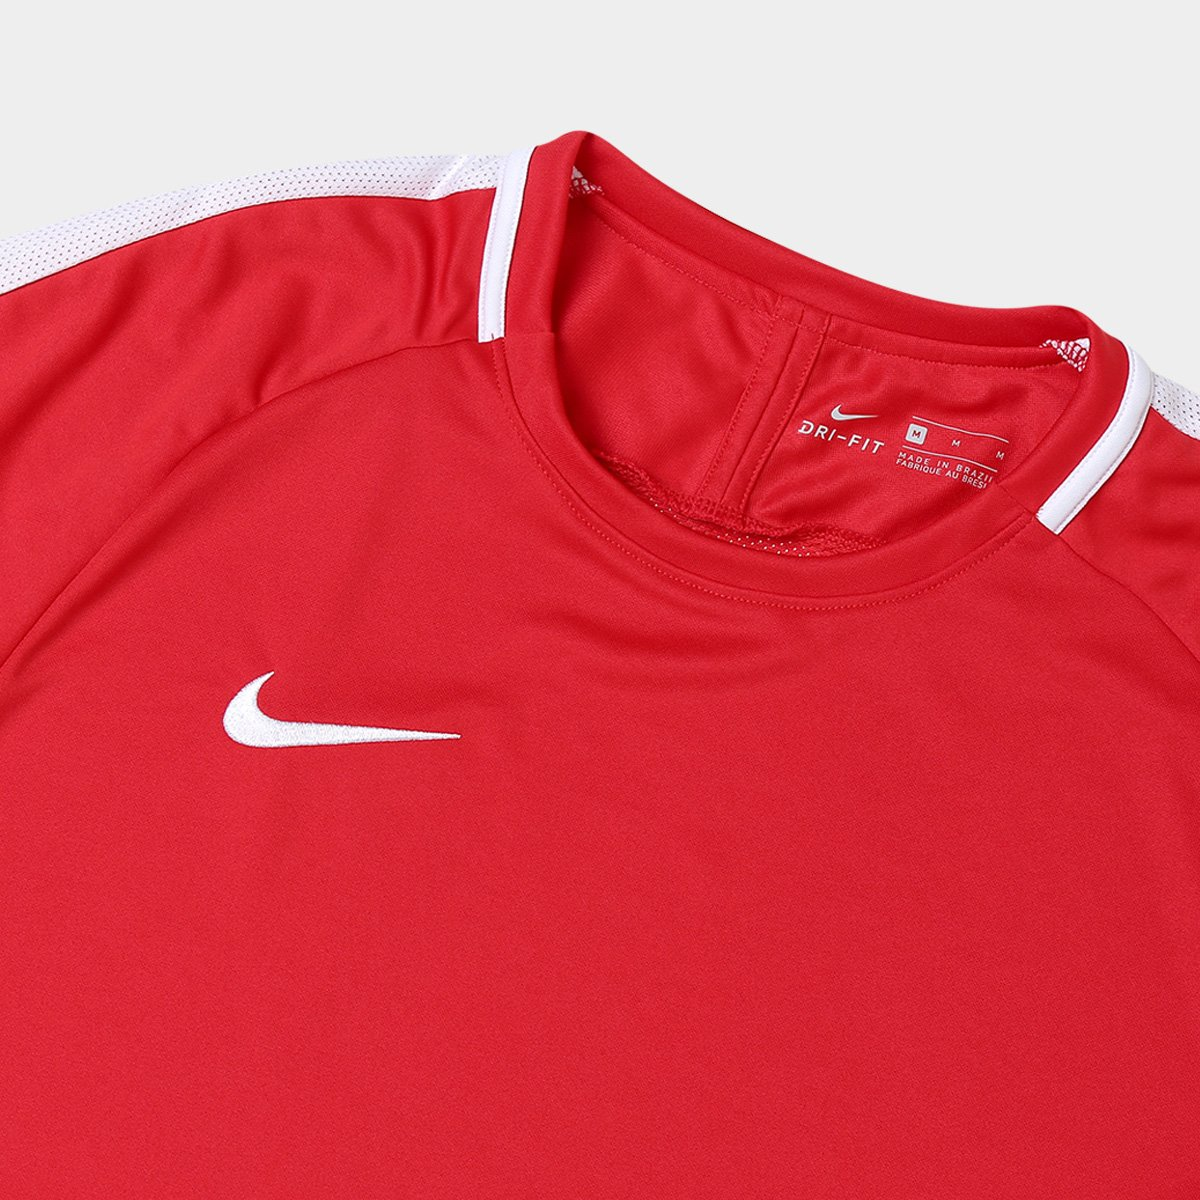 Camisa Nike Academy Masculina - Vermelho e Branco - Compre Agora ... f28785a11a54c